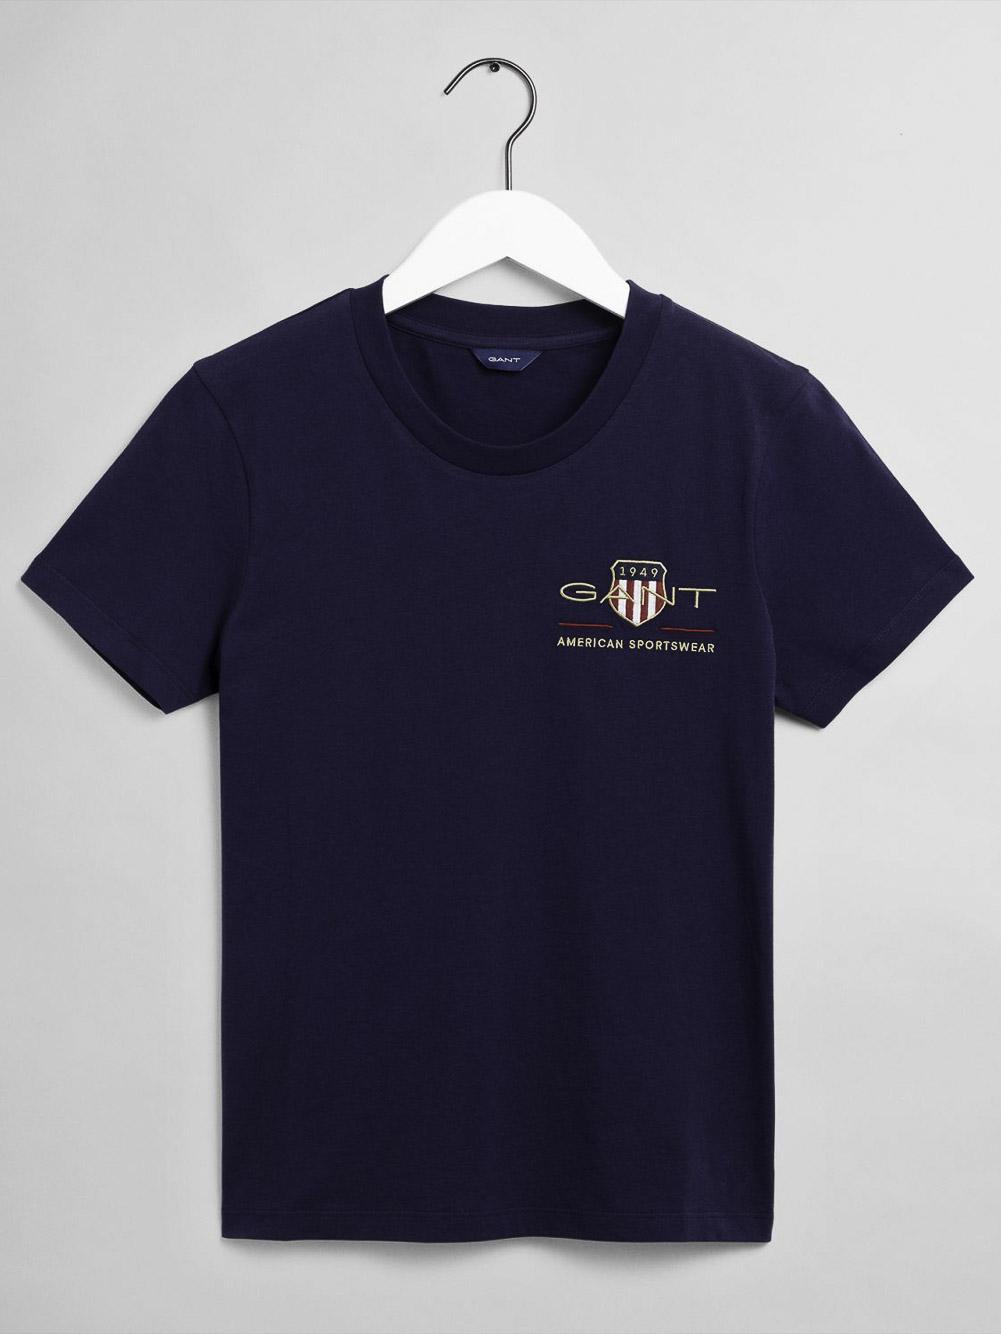 GANT Μπλούζα t-shirt 3GW4200417-433 ΣΚΟΥΡΟ ΜΠΛΕ